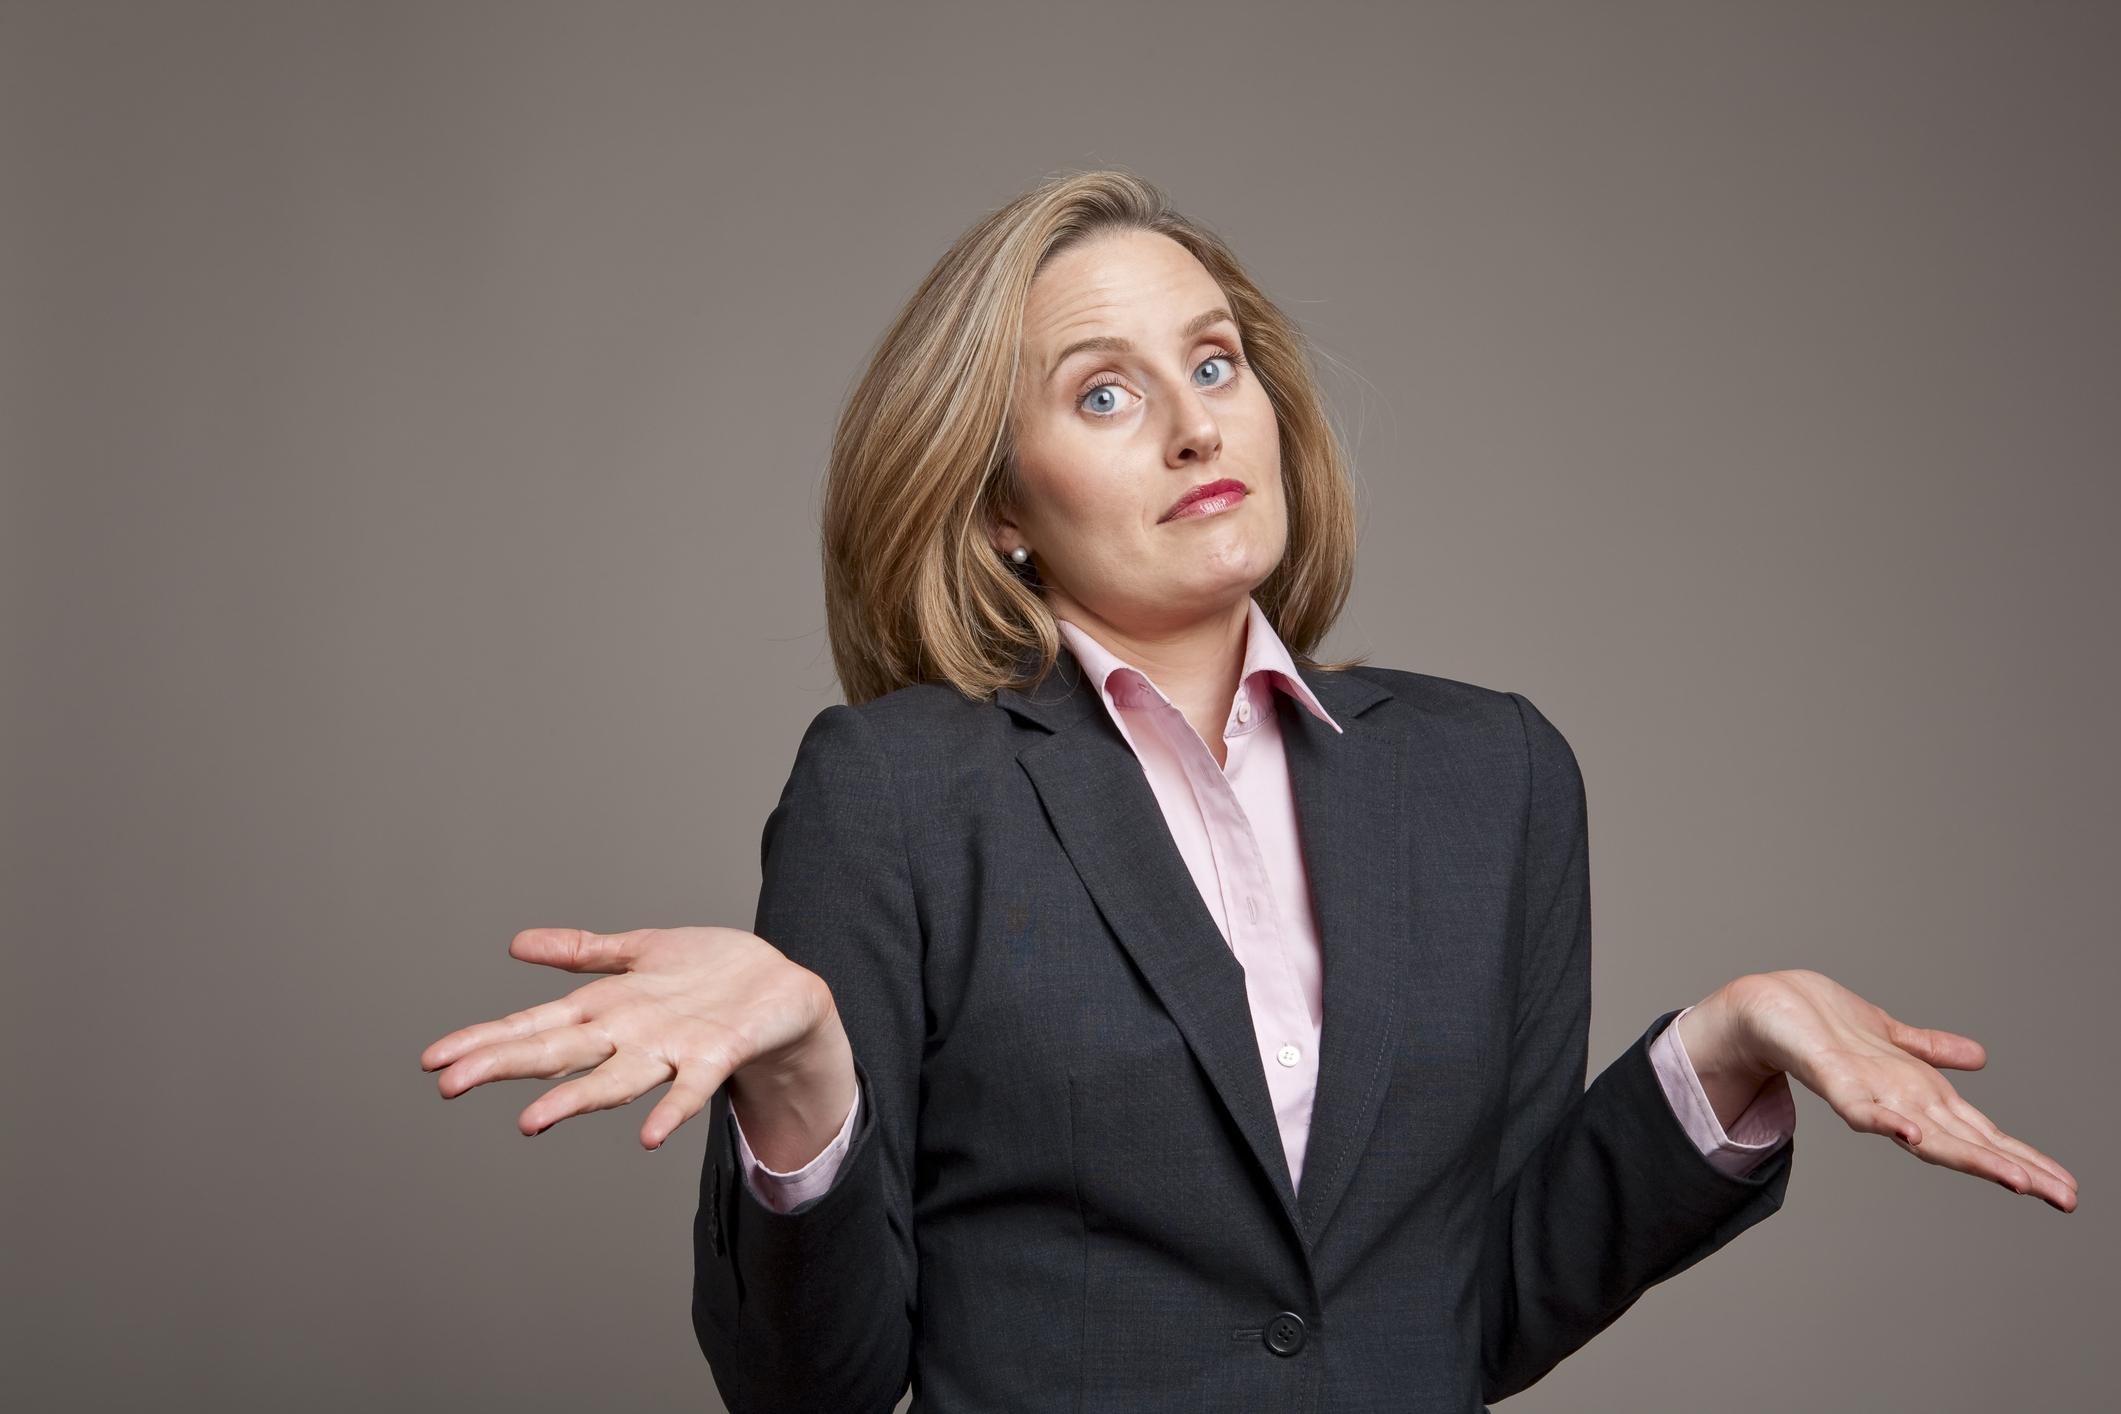 Shrugging businesswoman.